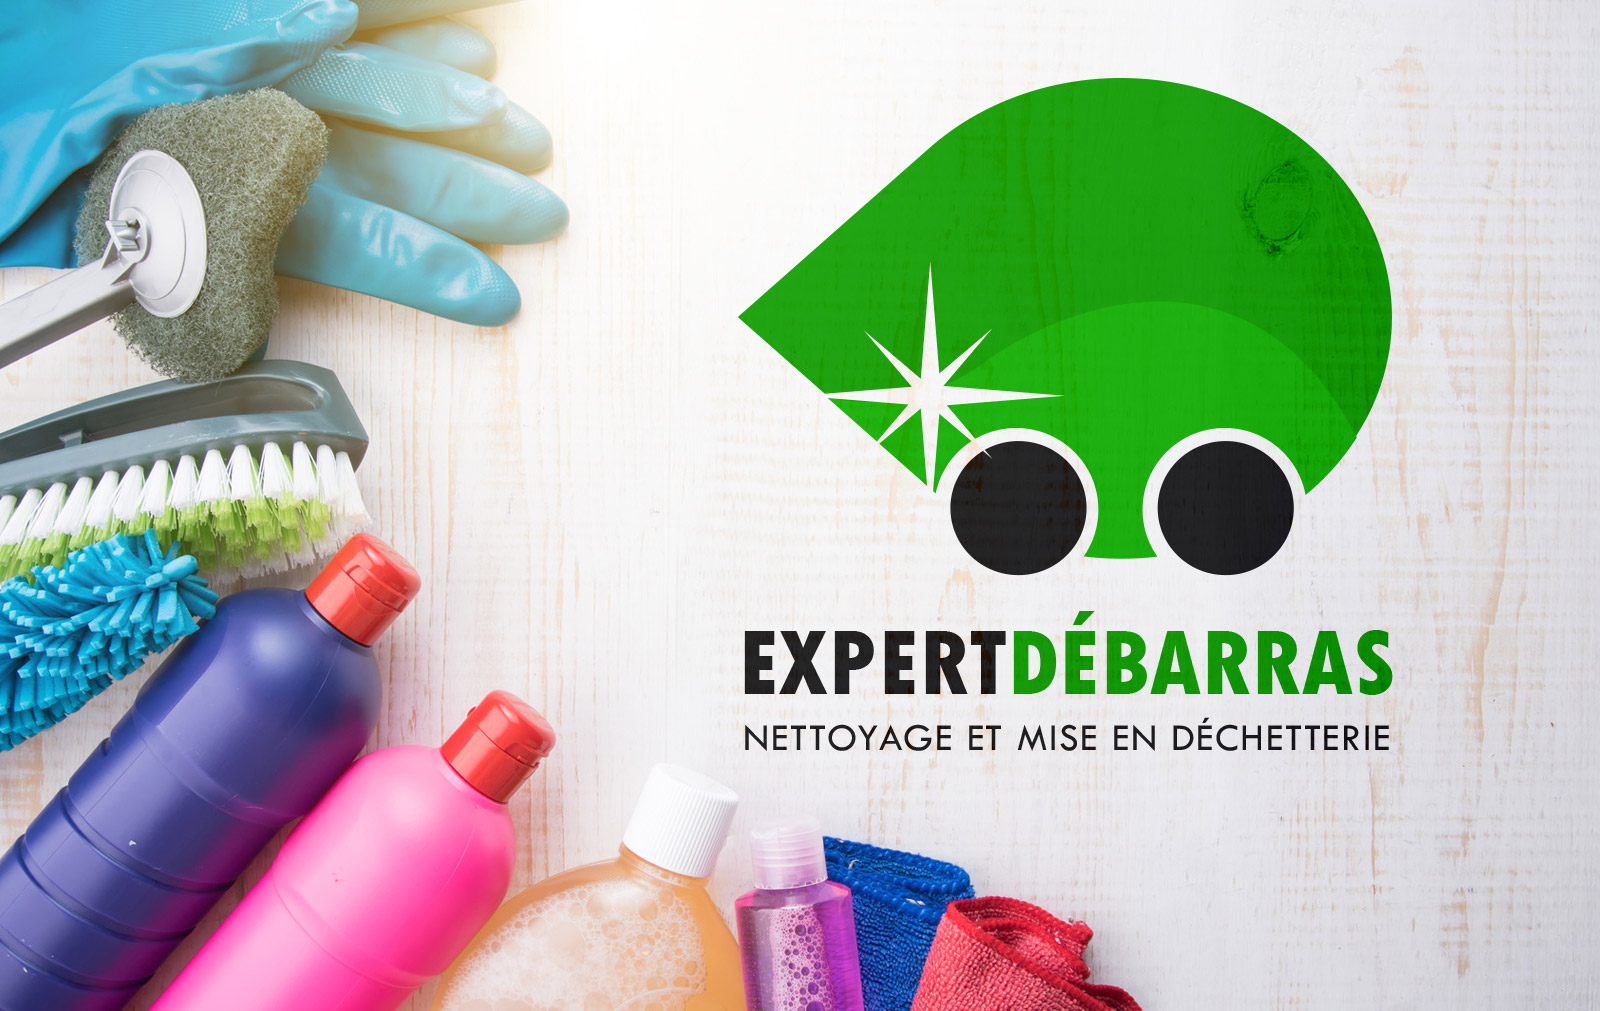 Chez nous, l'expertise n'est pas un vain mot. Nous mettons tout en œuvre pour nettoyer votre maison du sol au plafond, voire désinfecter quand c'est nécessaire.